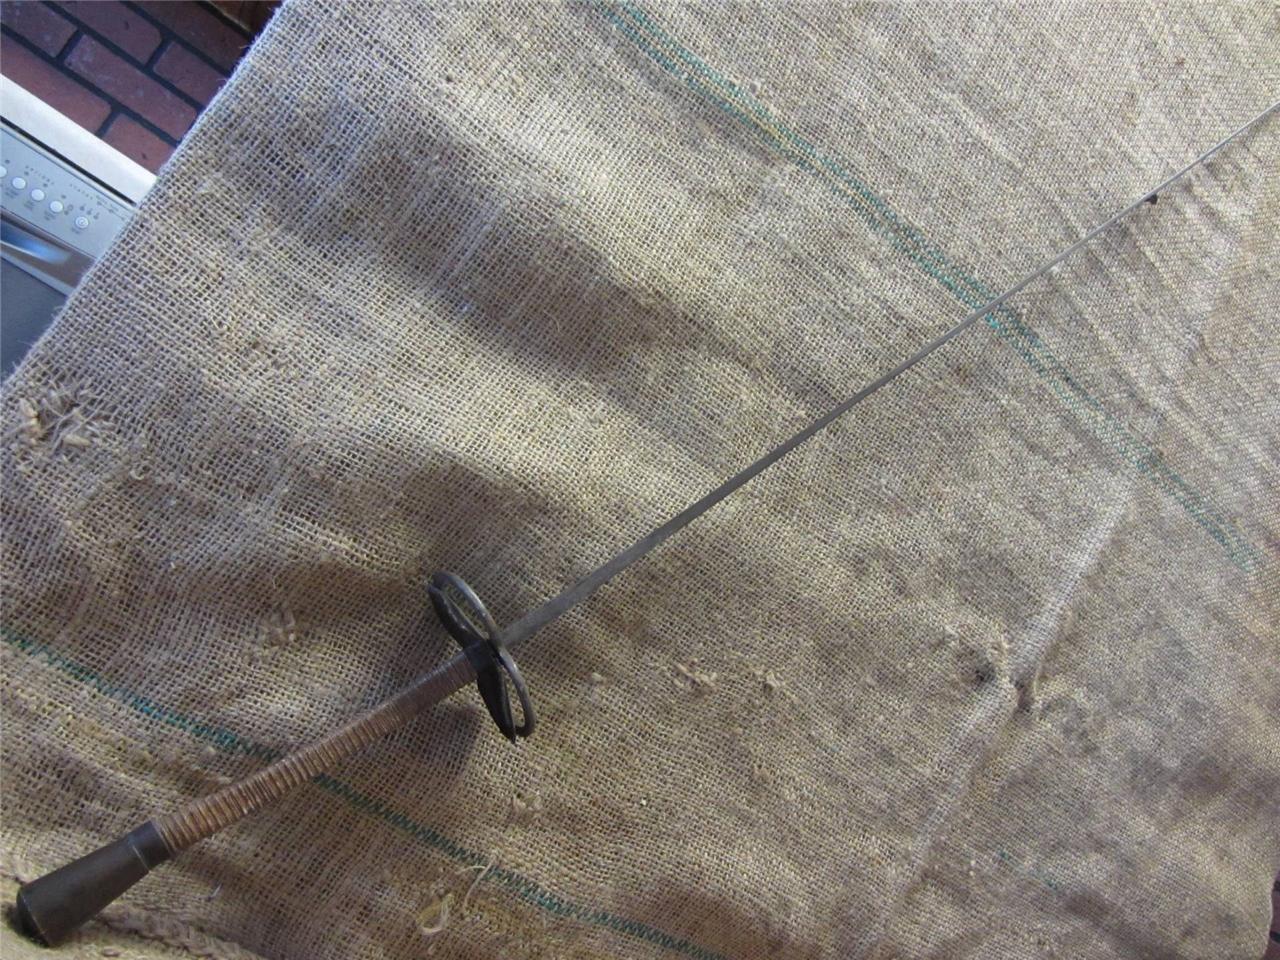 Vintage Franska Excelsior Fencing Sword Epie Antique Old Iron Brass Leather 9166